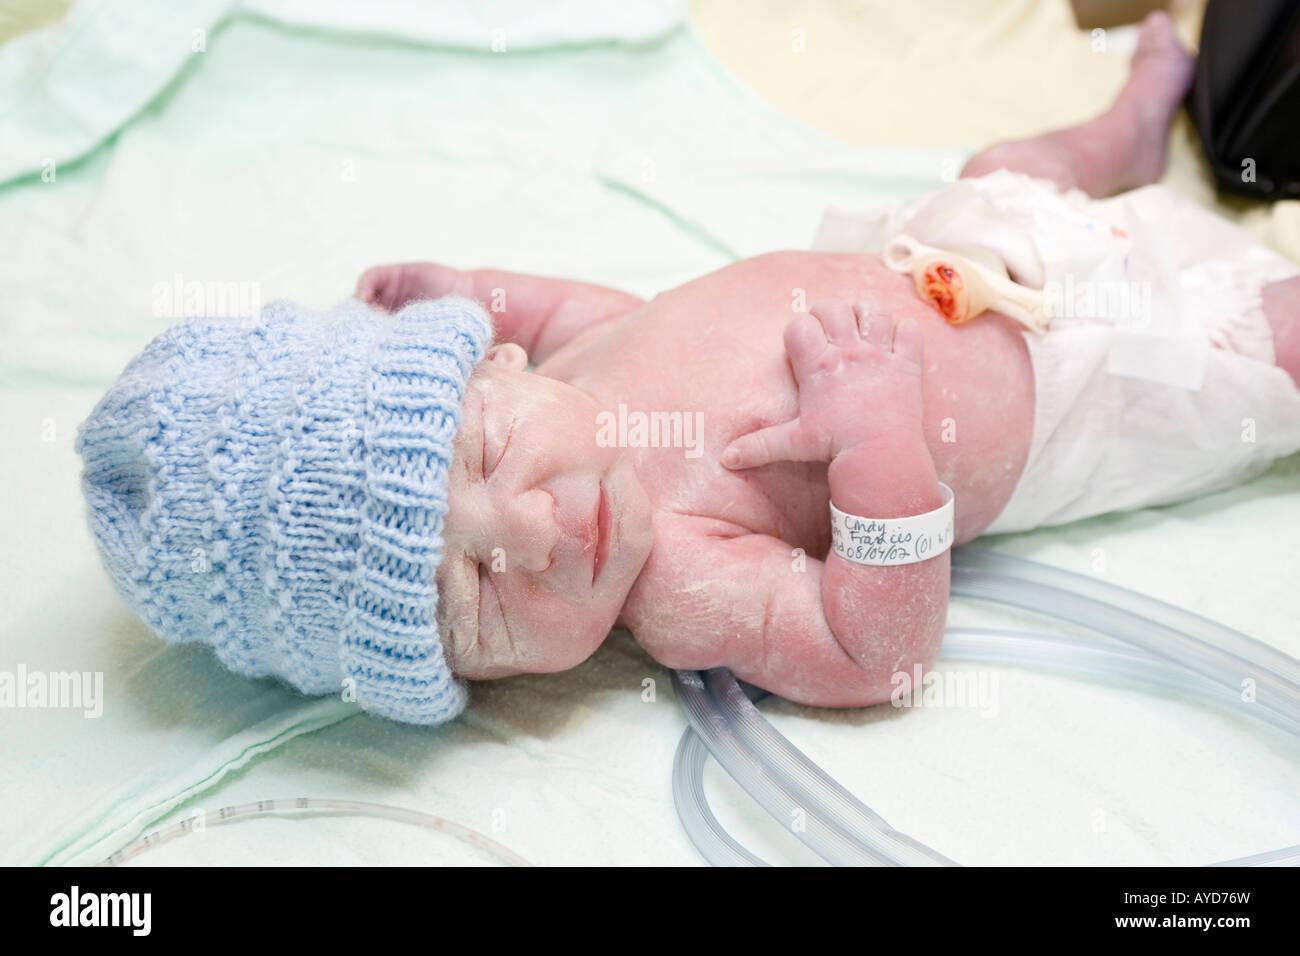 Un bebé prematuro 5 semanas segundos después de nacer Foto de stock